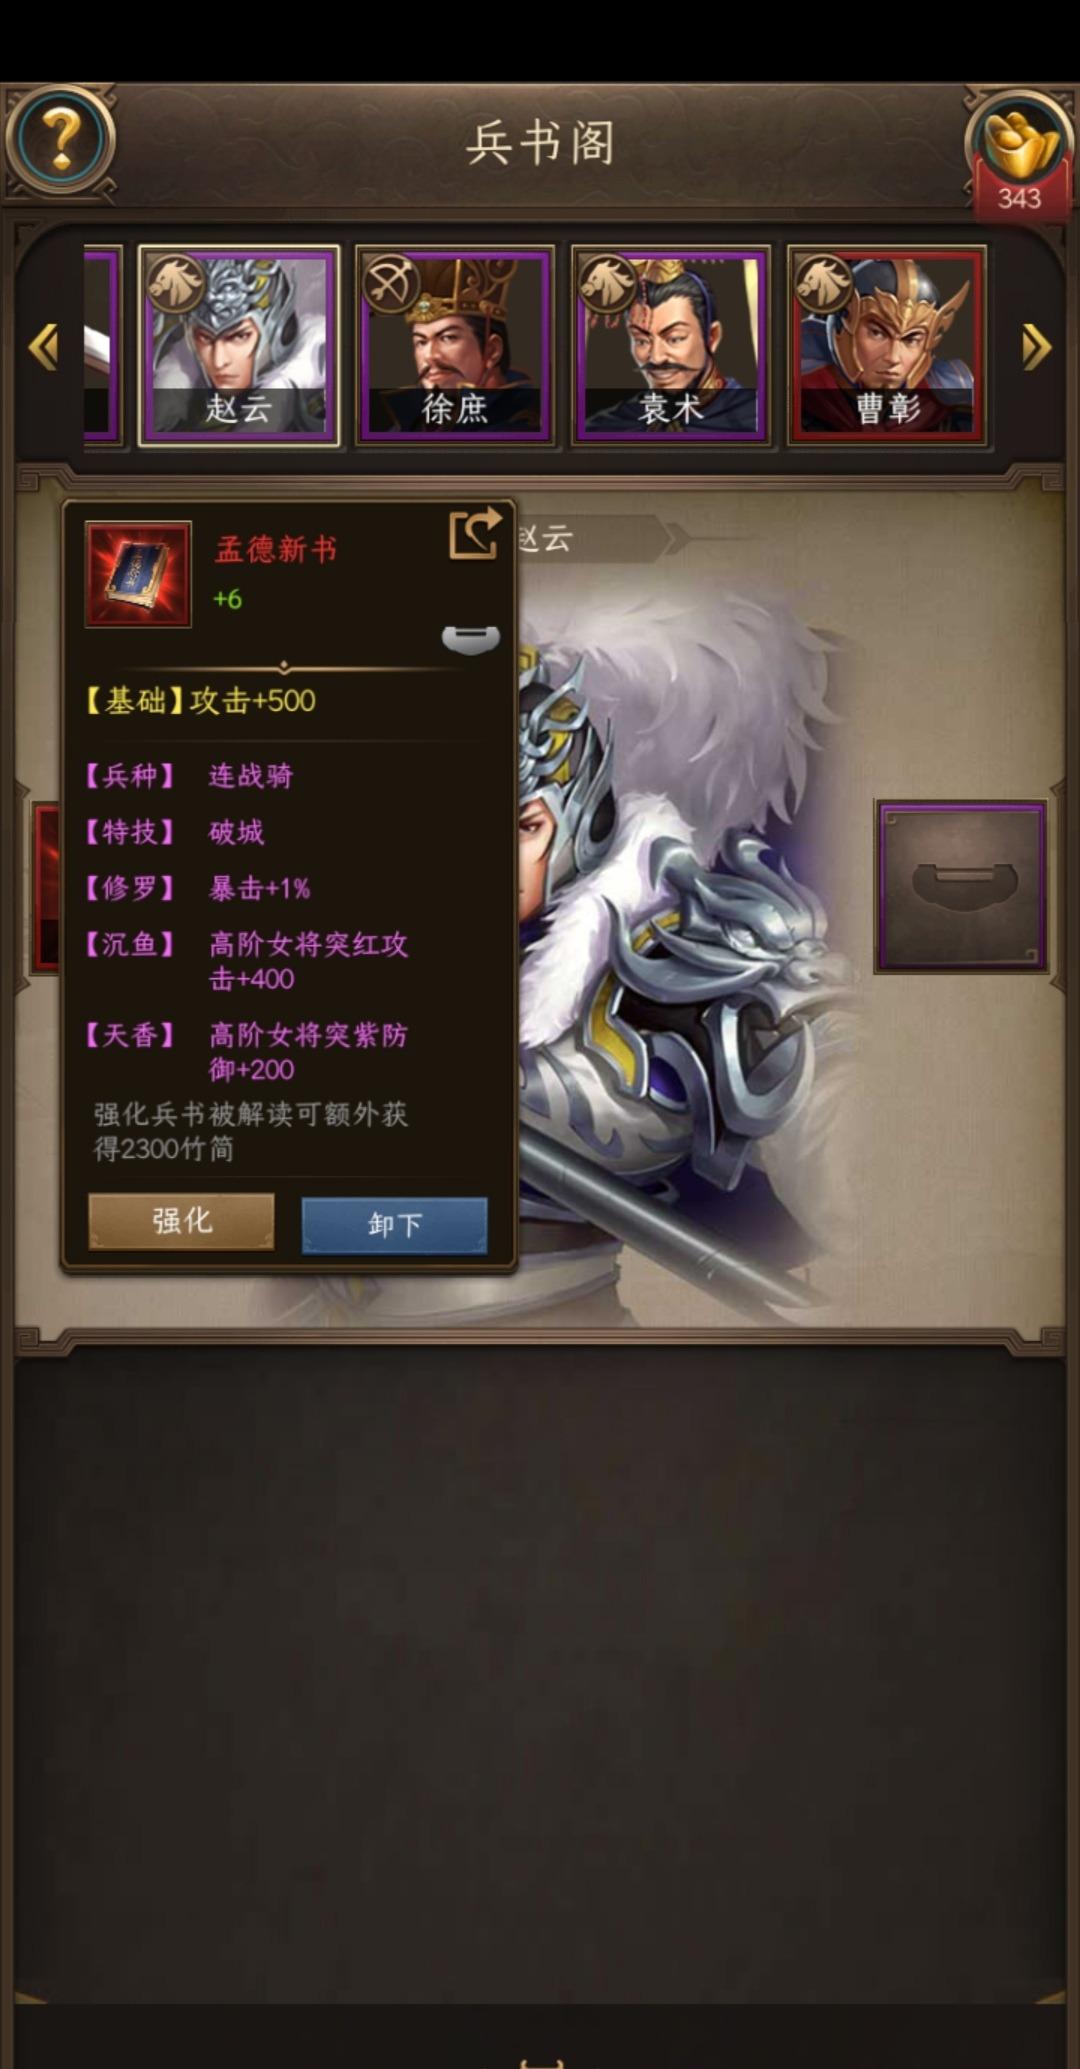 Screenshot_20200429_051230.jpg